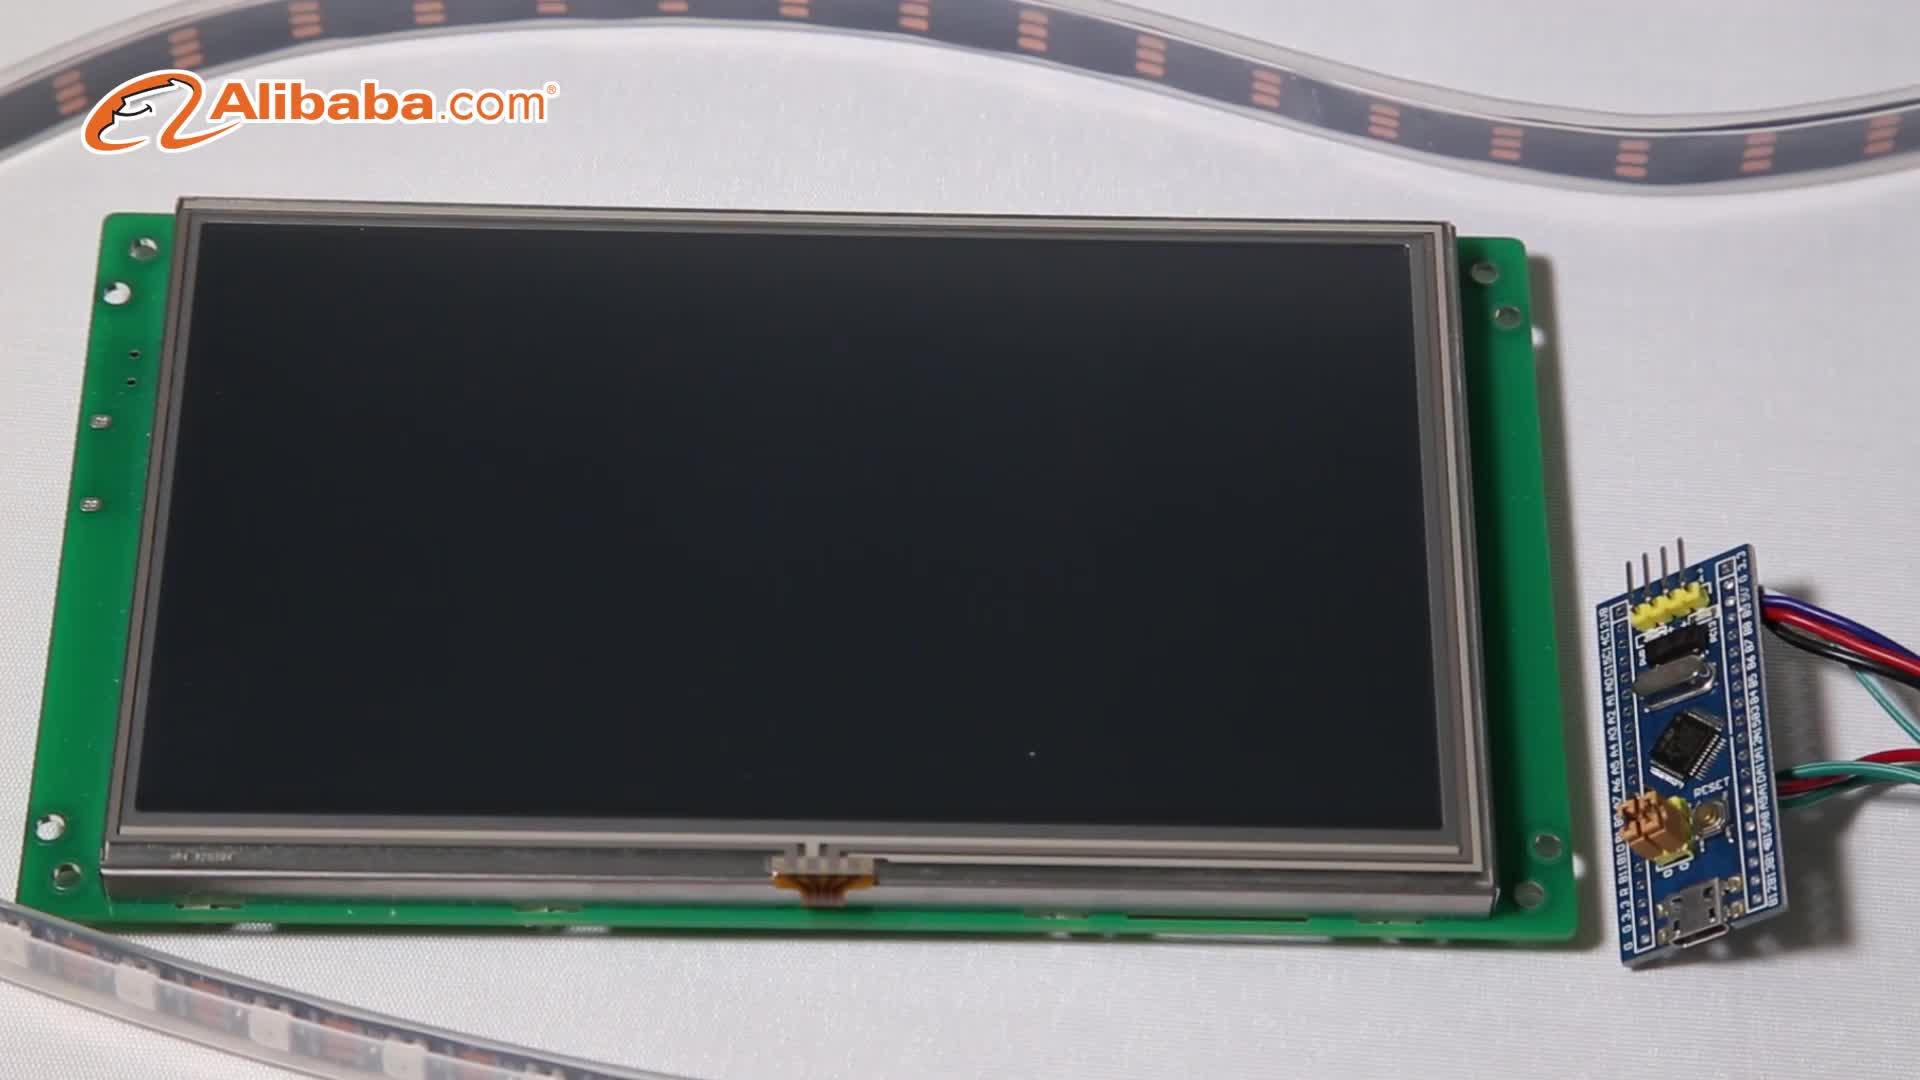 Programlanabilir Gömülü 7 inç elektronik kontrol modülü ekran + TFT LCD + Ana Kurulu ile CPU/sürücü, destek RS232/RS485/TTL bağlantı noktası